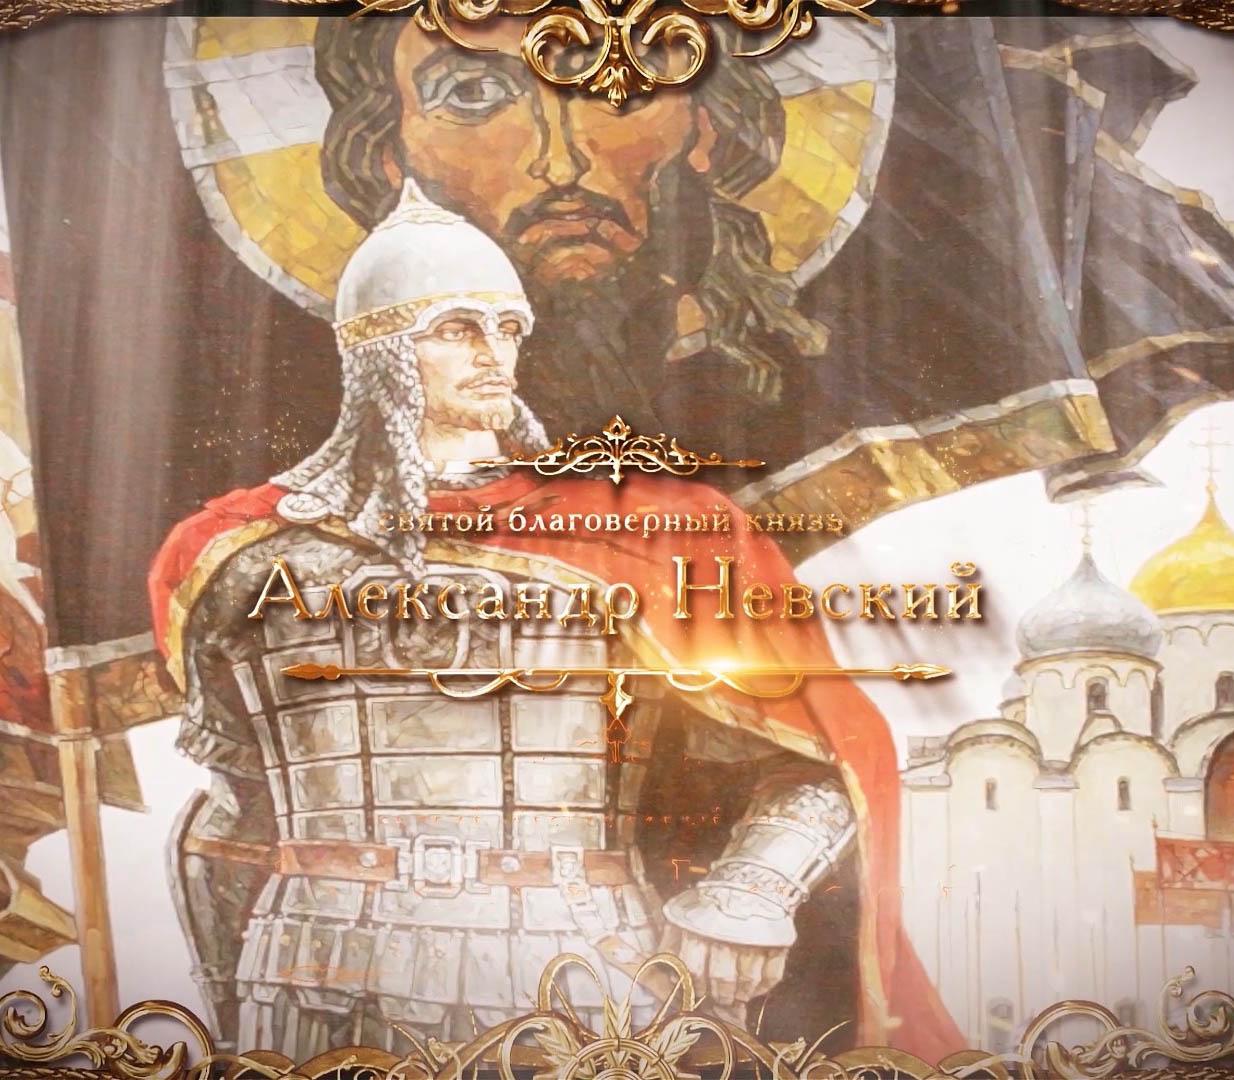 Вышел в свет цикл видеолекций о святом благоверном князе Александре Невском